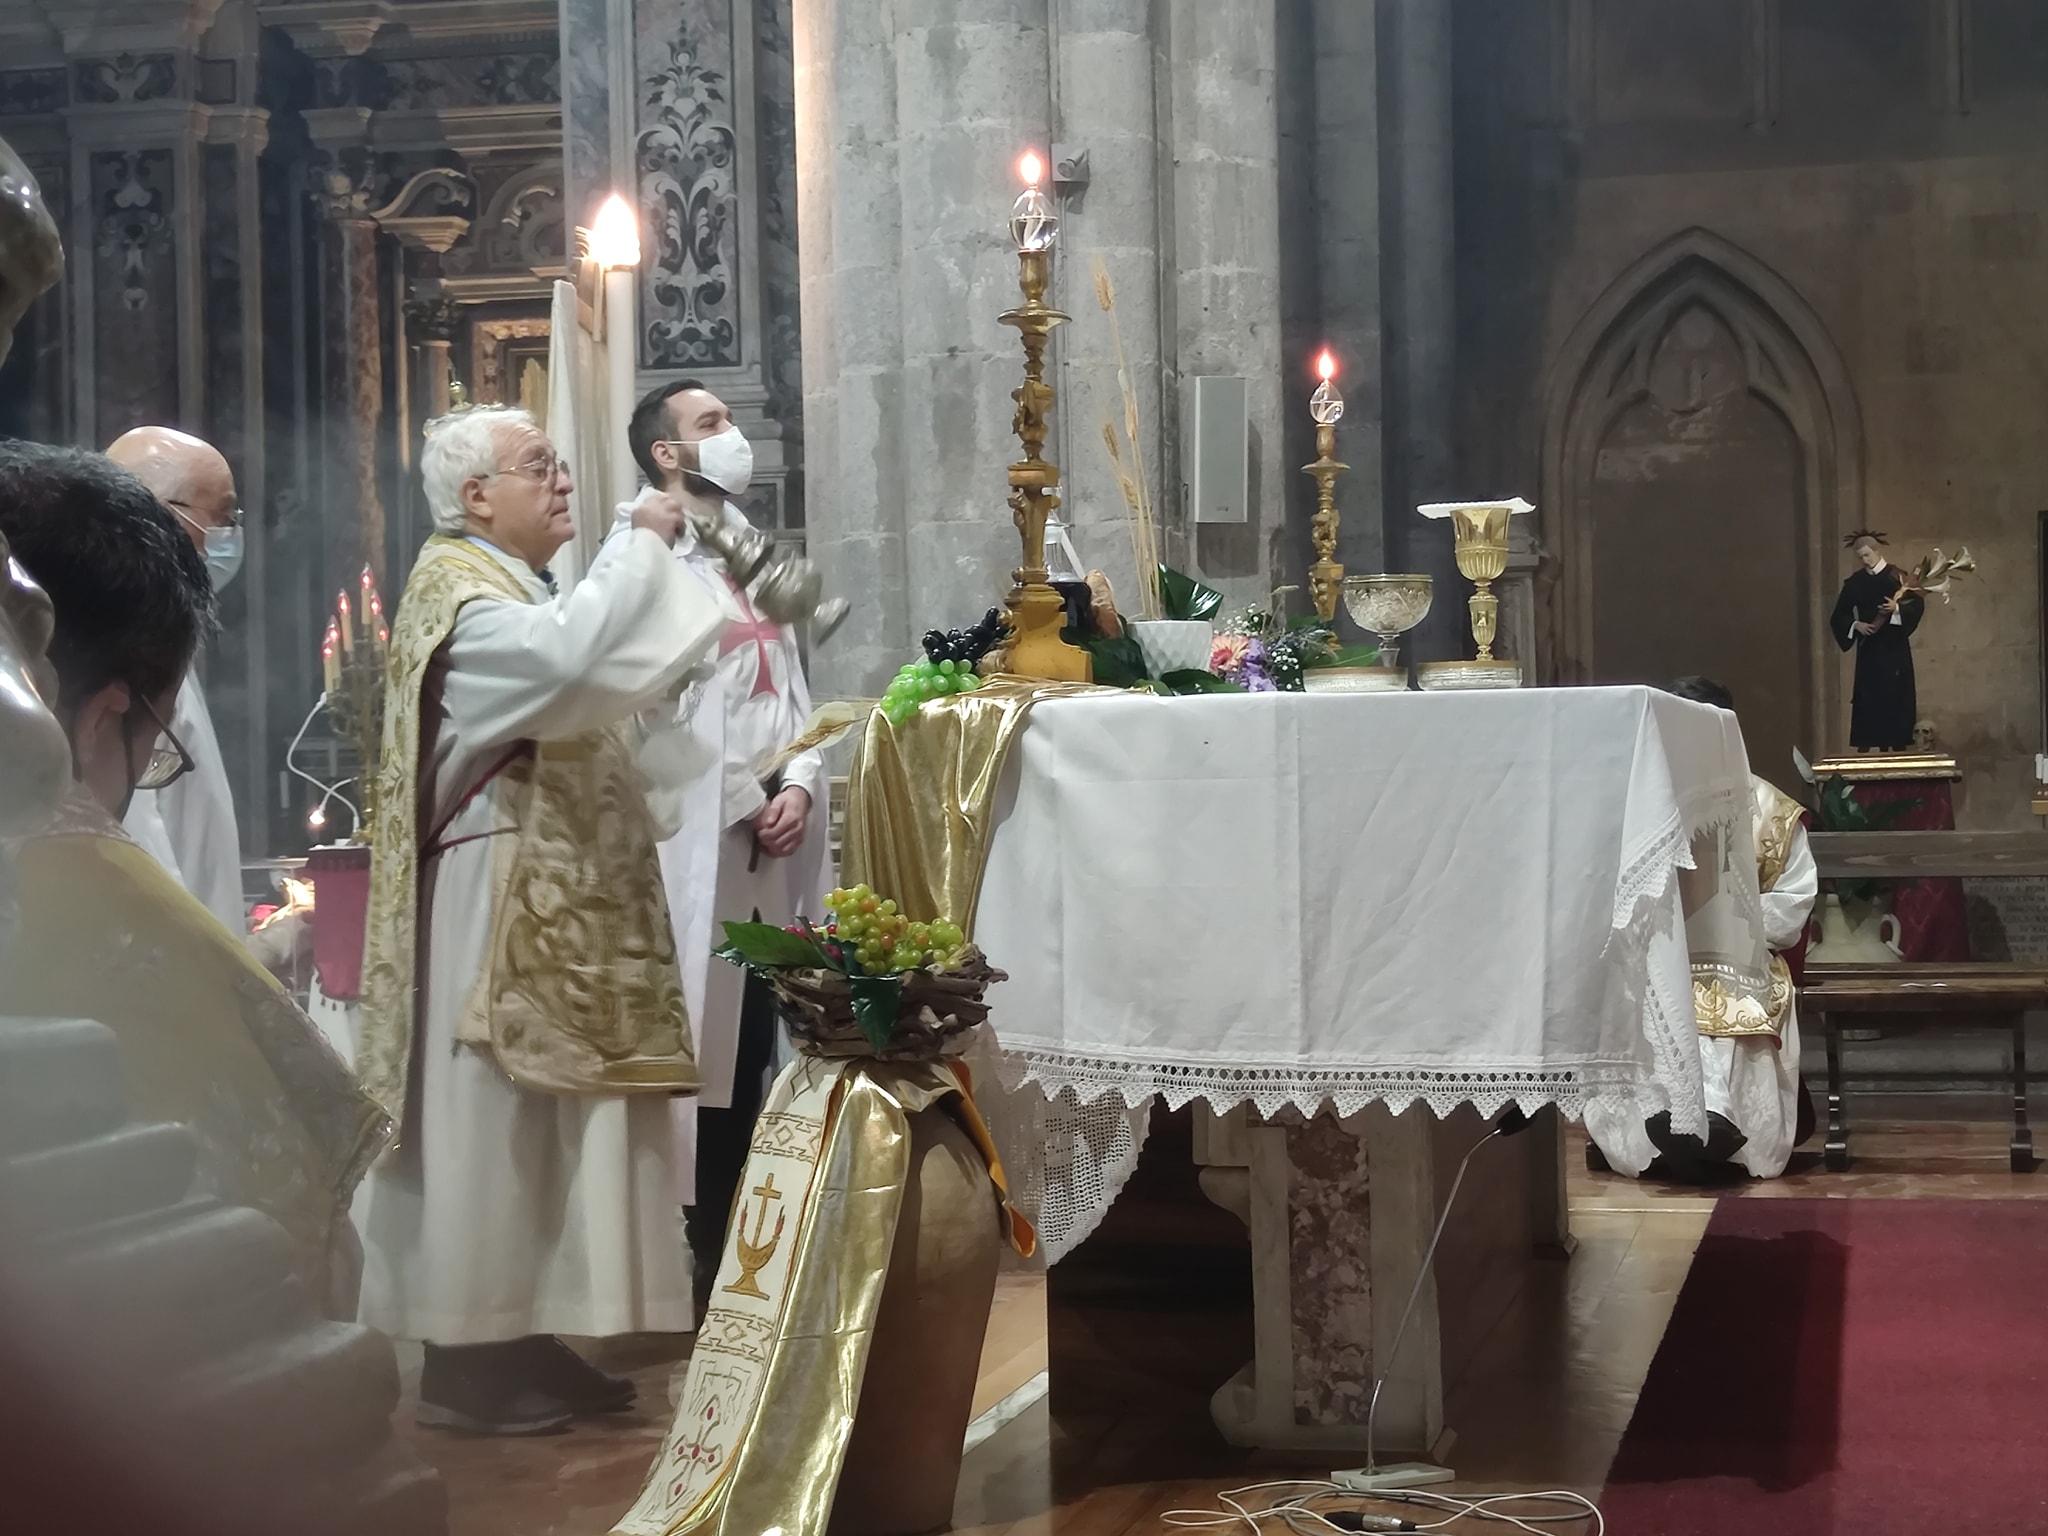 Rito solenne in Coena Domini 2021, Basilica di San Lorenzo Maggiore, Napoli